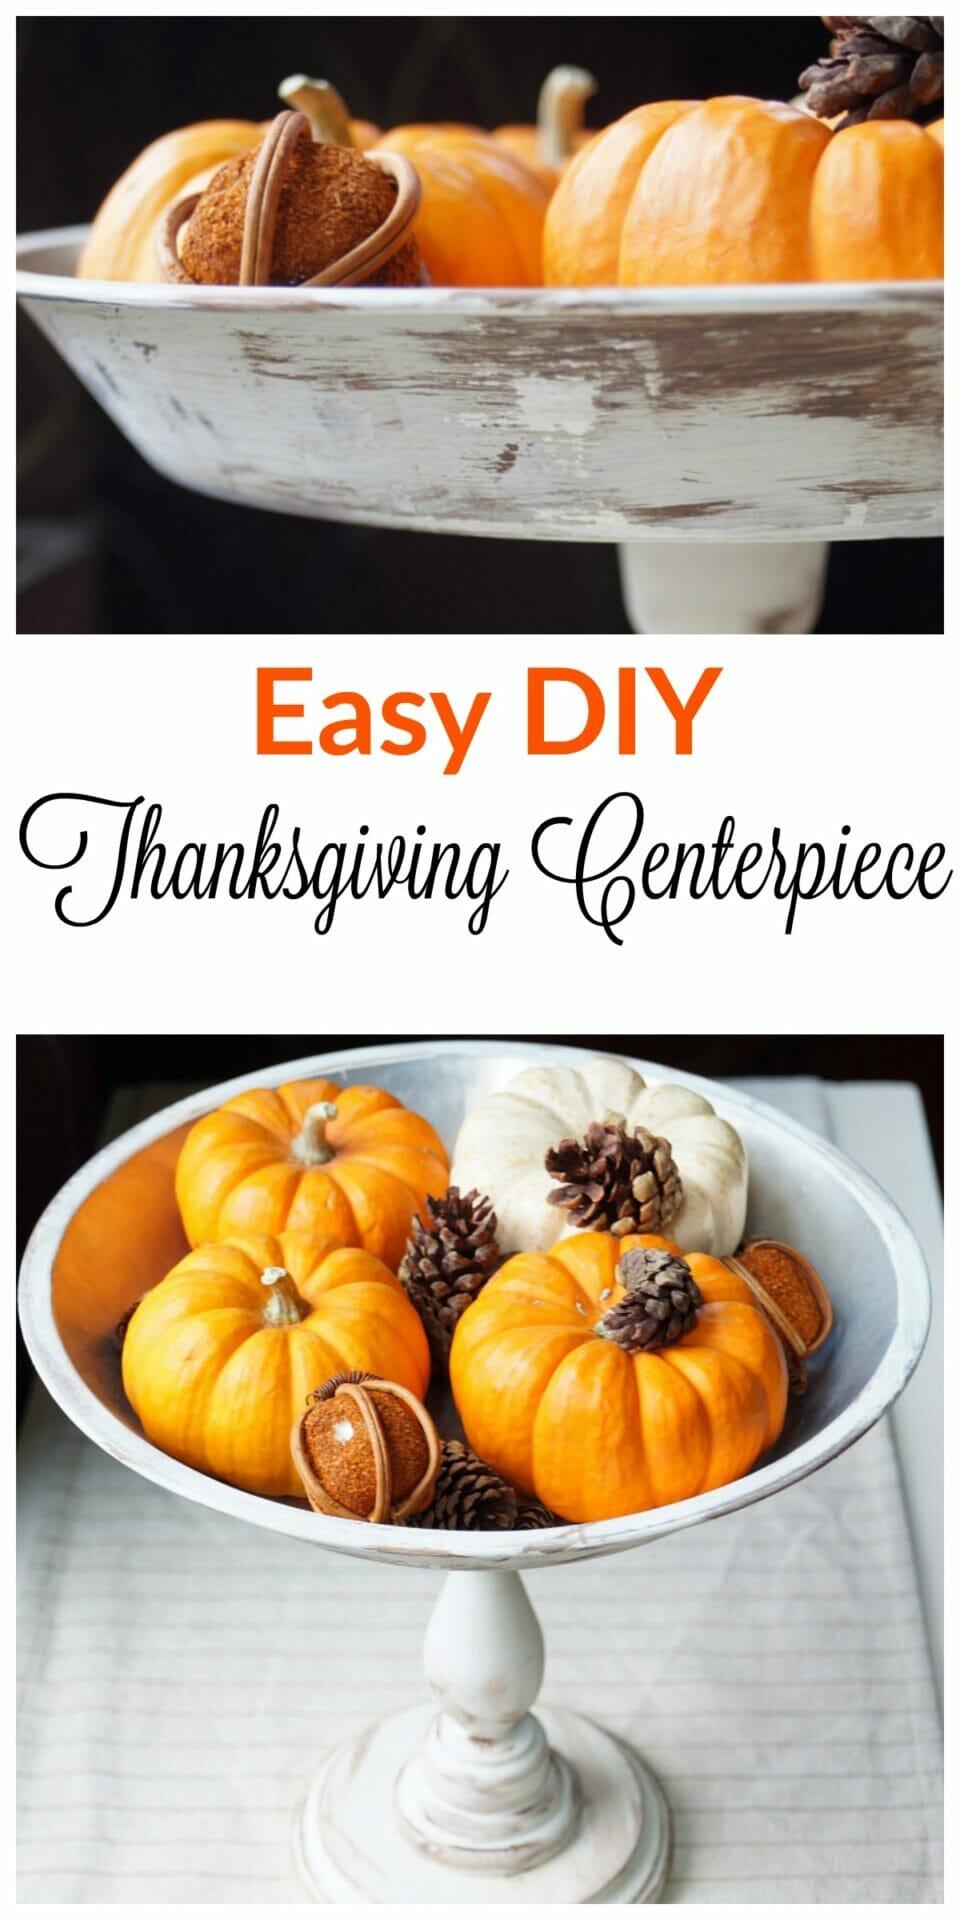 Easy diy thanksgiving centerpiece